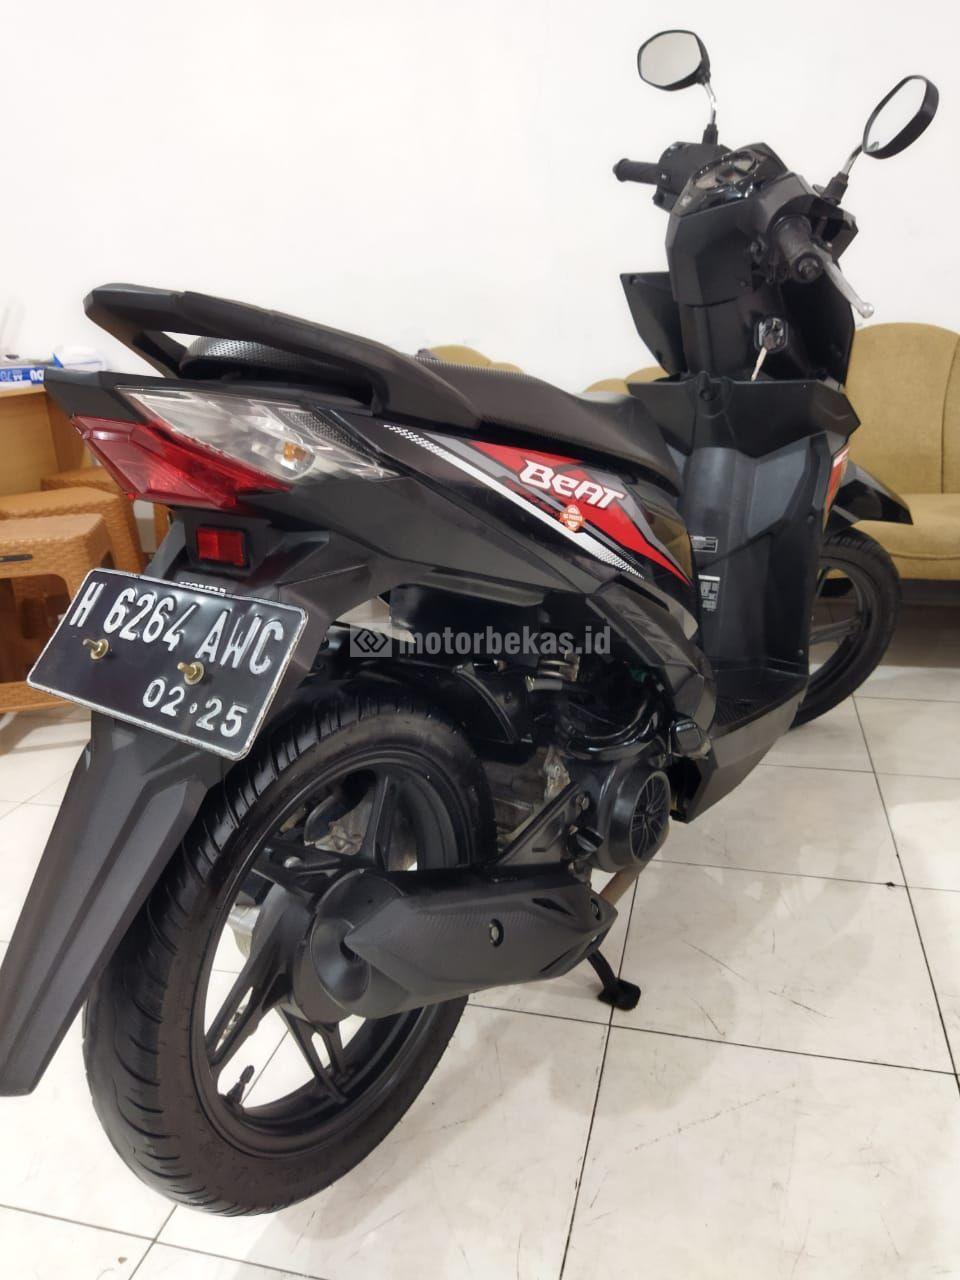 HONDA BEAT FI 2172 motorbekas.id